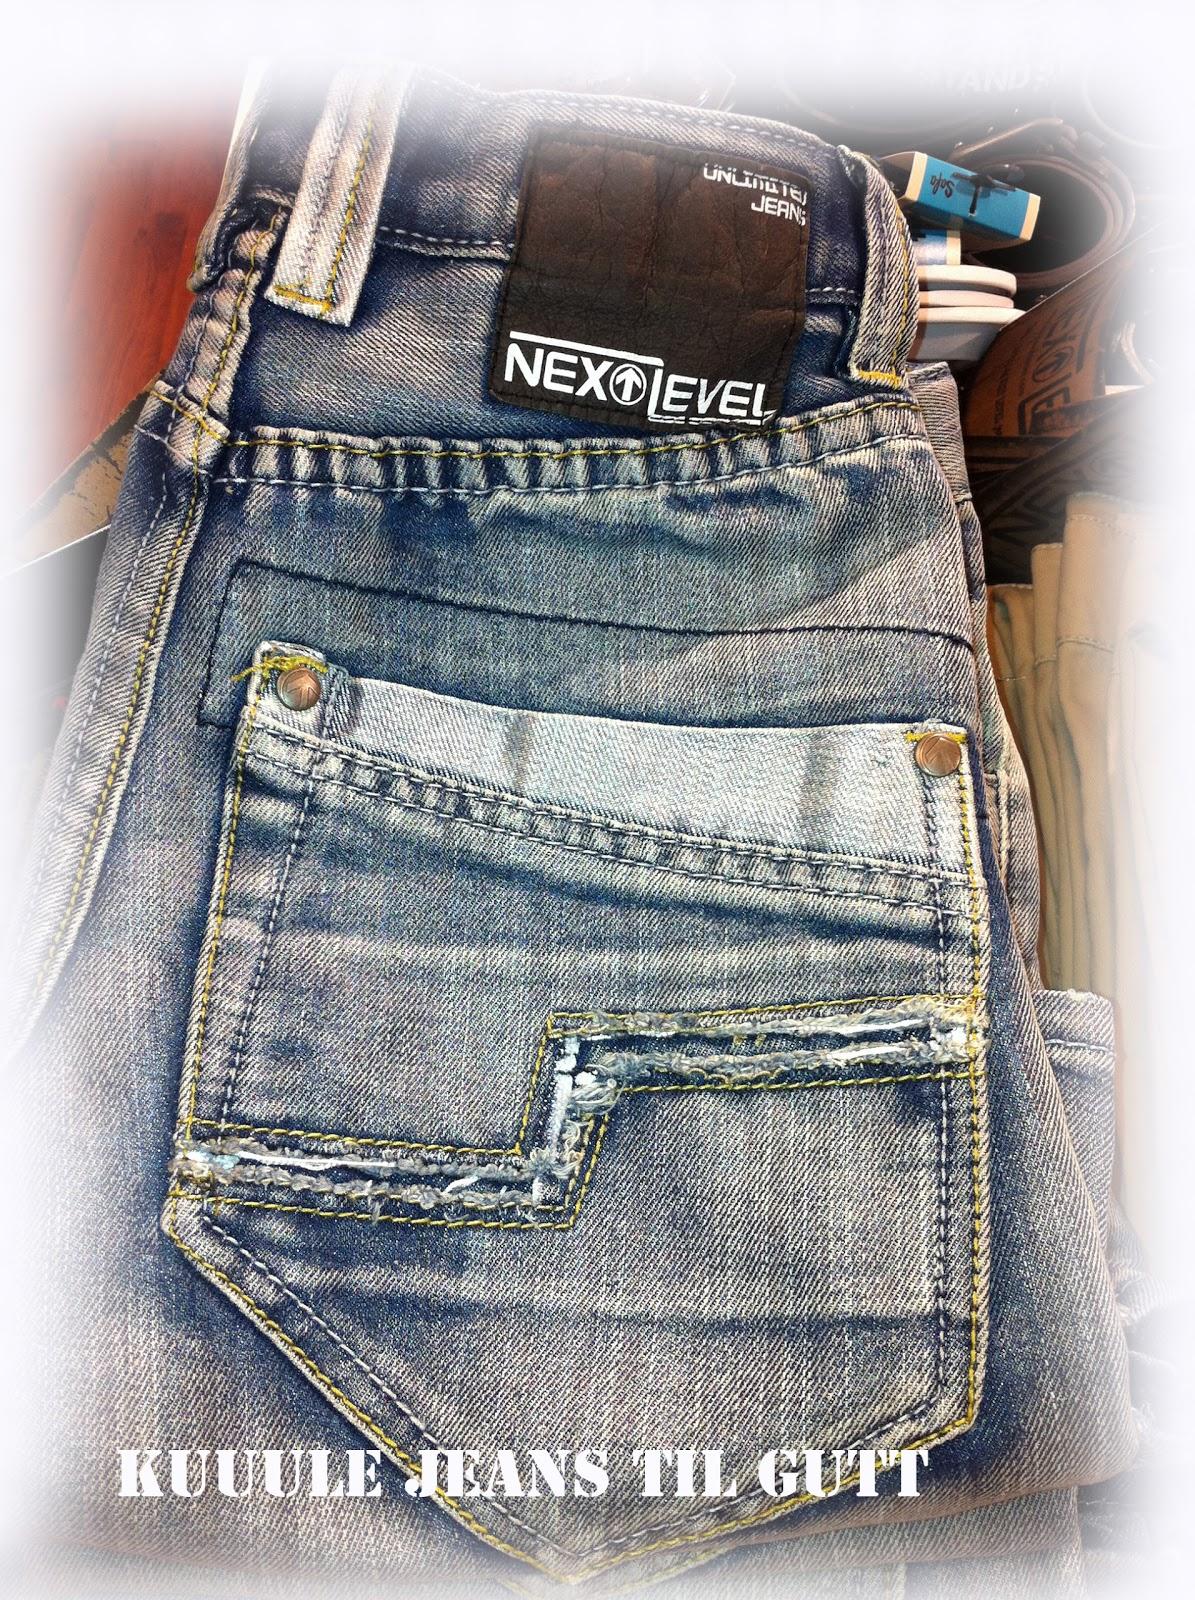 7ec07fb2 Nå bugner butikken vår av tøffe klær til gutt og jente 128-164. Kom innom å  titt selv. Her er litt bilder fra butikken vår i dag: